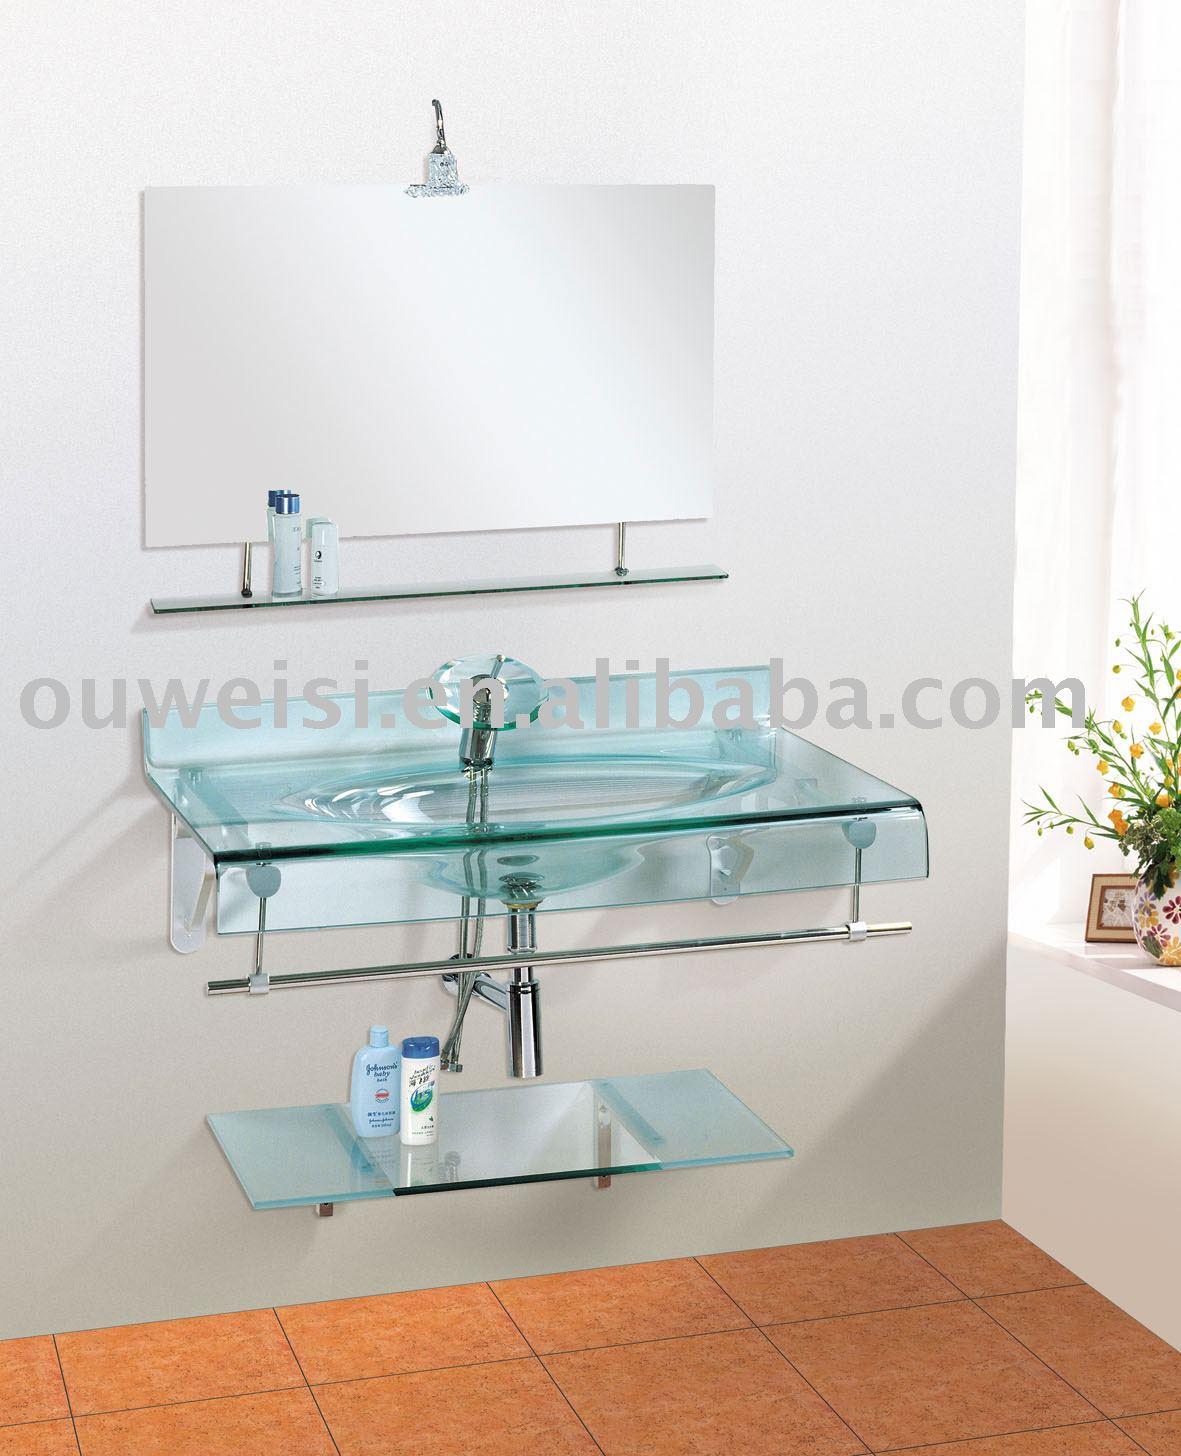 Pia De Vidro Para Banheiro 7 Pictures to pin on Pinterest #9A5A31 1181 1456